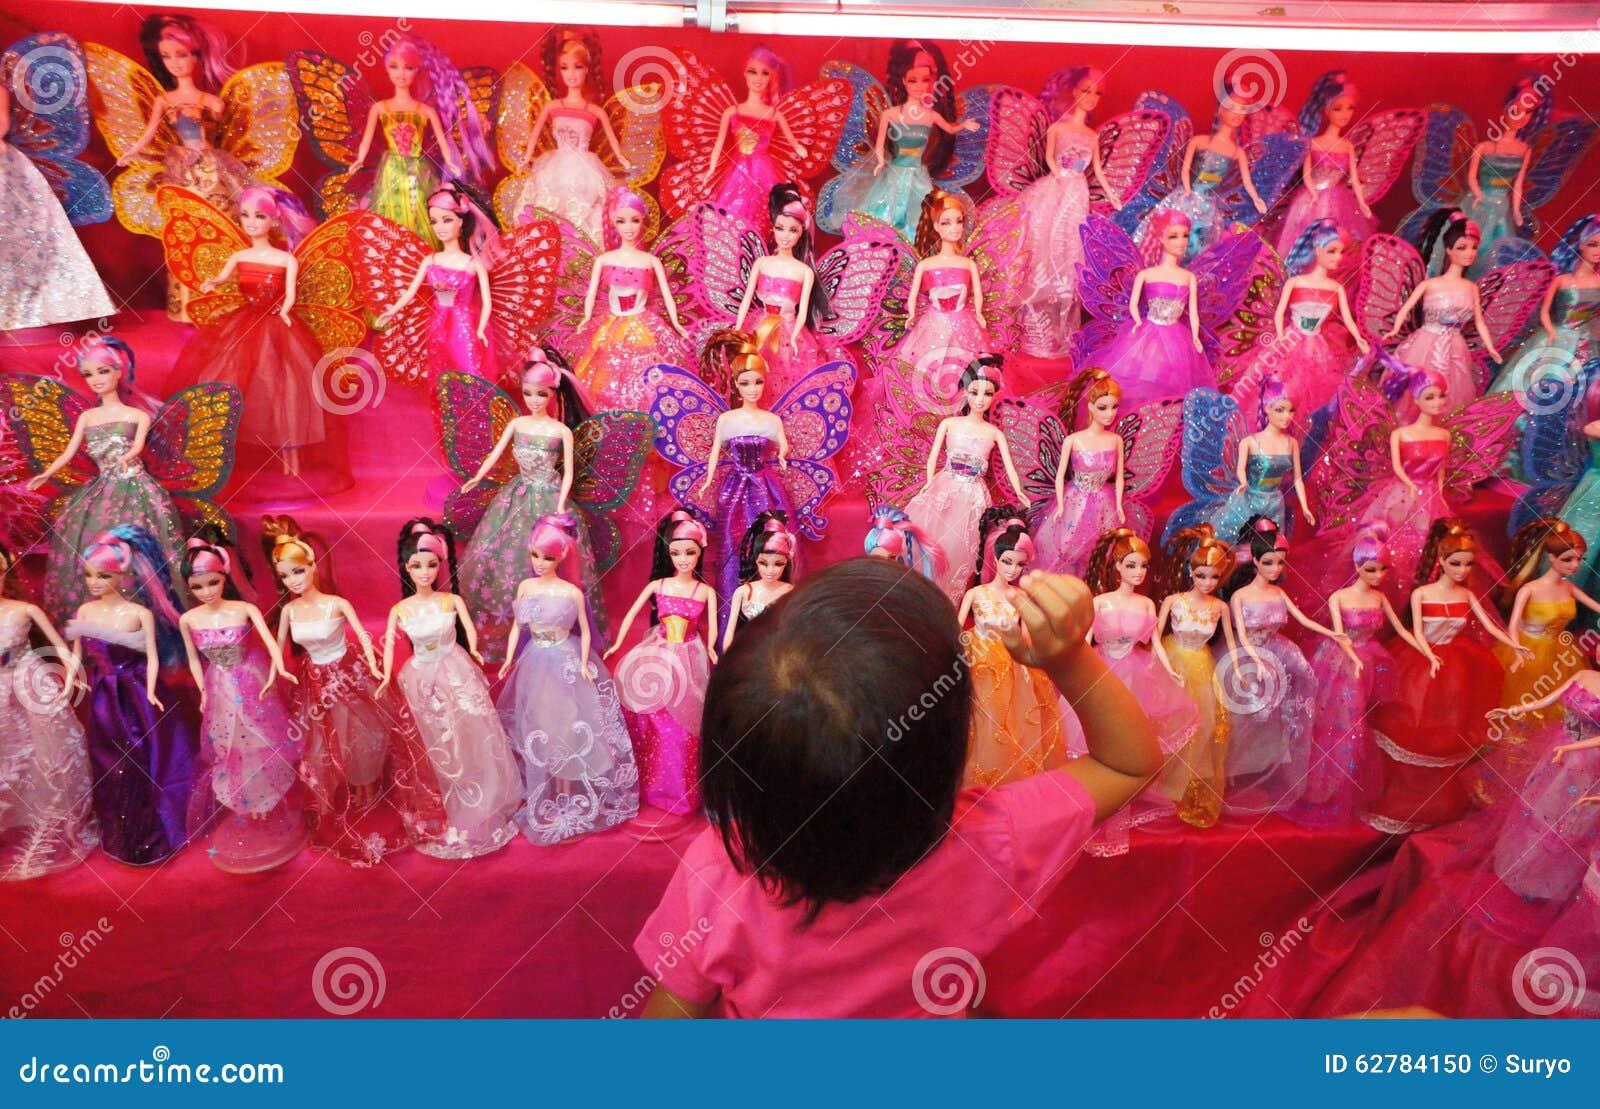 Barbie dockor